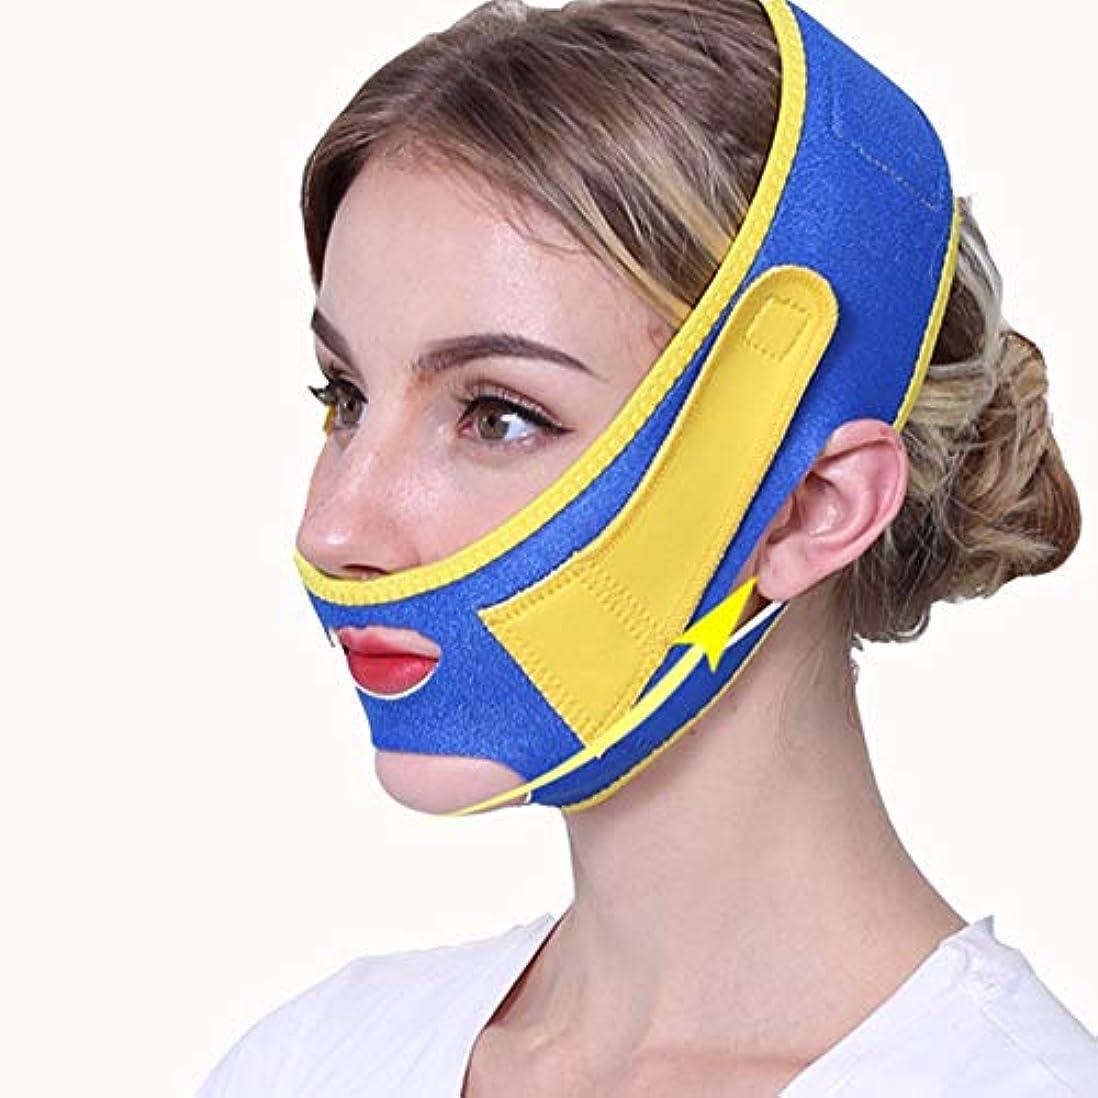 まで接ぎ木ハブブXINGZHE フェイシャルリフティング痩身ベルトフェイス包帯マスク整形マスクフェイスベルトを引き締める薄型フェイス包帯整形マスクフェイスと首の顔を引き締めスリム フェイスリフティングベルト